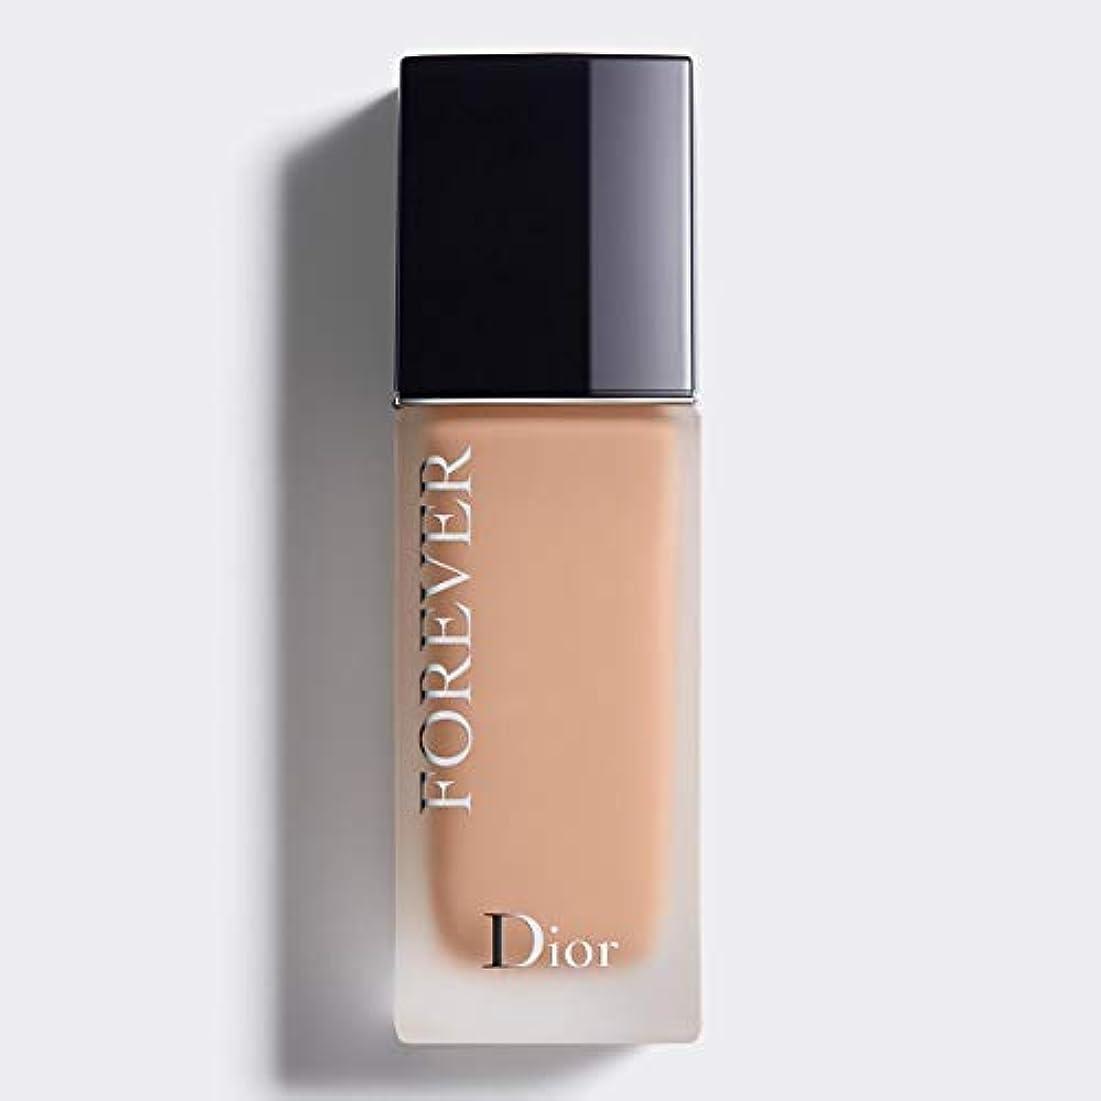 ジョージスティーブンソン情熱的水クリスチャンディオール Dior Forever 24H Wear High Perfection Foundation SPF 35 - # 3CR (Cool Rosy) 30ml/1oz並行輸入品